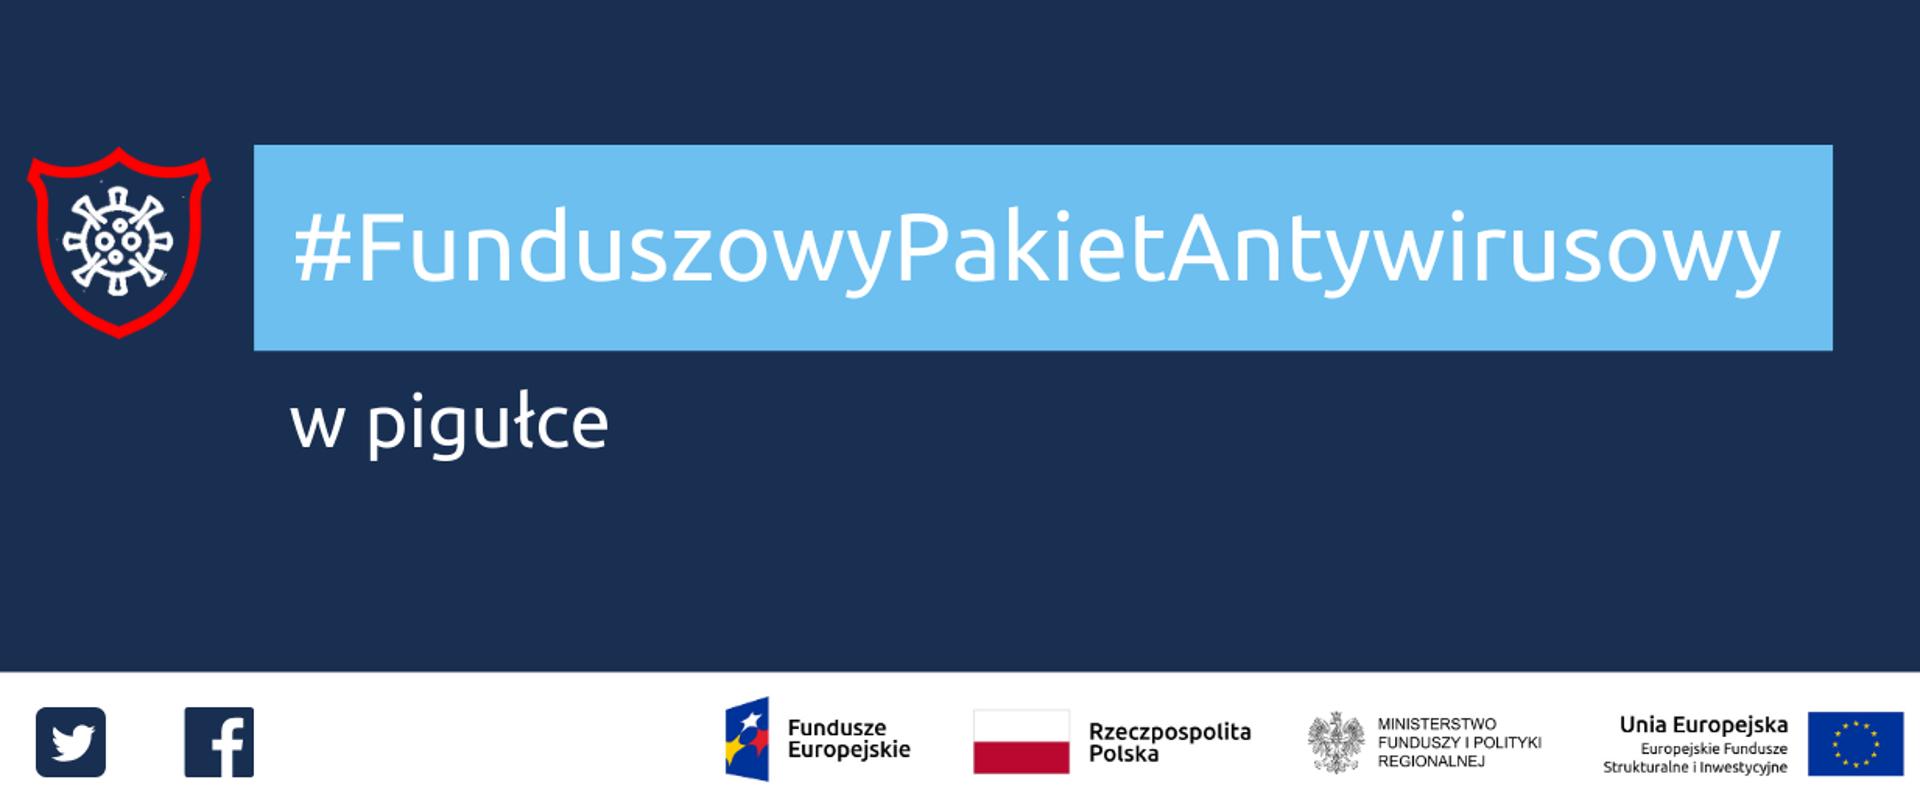 Napis: Funduszowy Pakiet Antywirusowy w pigułce. Na dole ikonki Facebooka oraz Twittera, logotypy Funduszy Europejskich i Ministerstwa Funduszy i Polityki Regionalnej, flaga Polski.